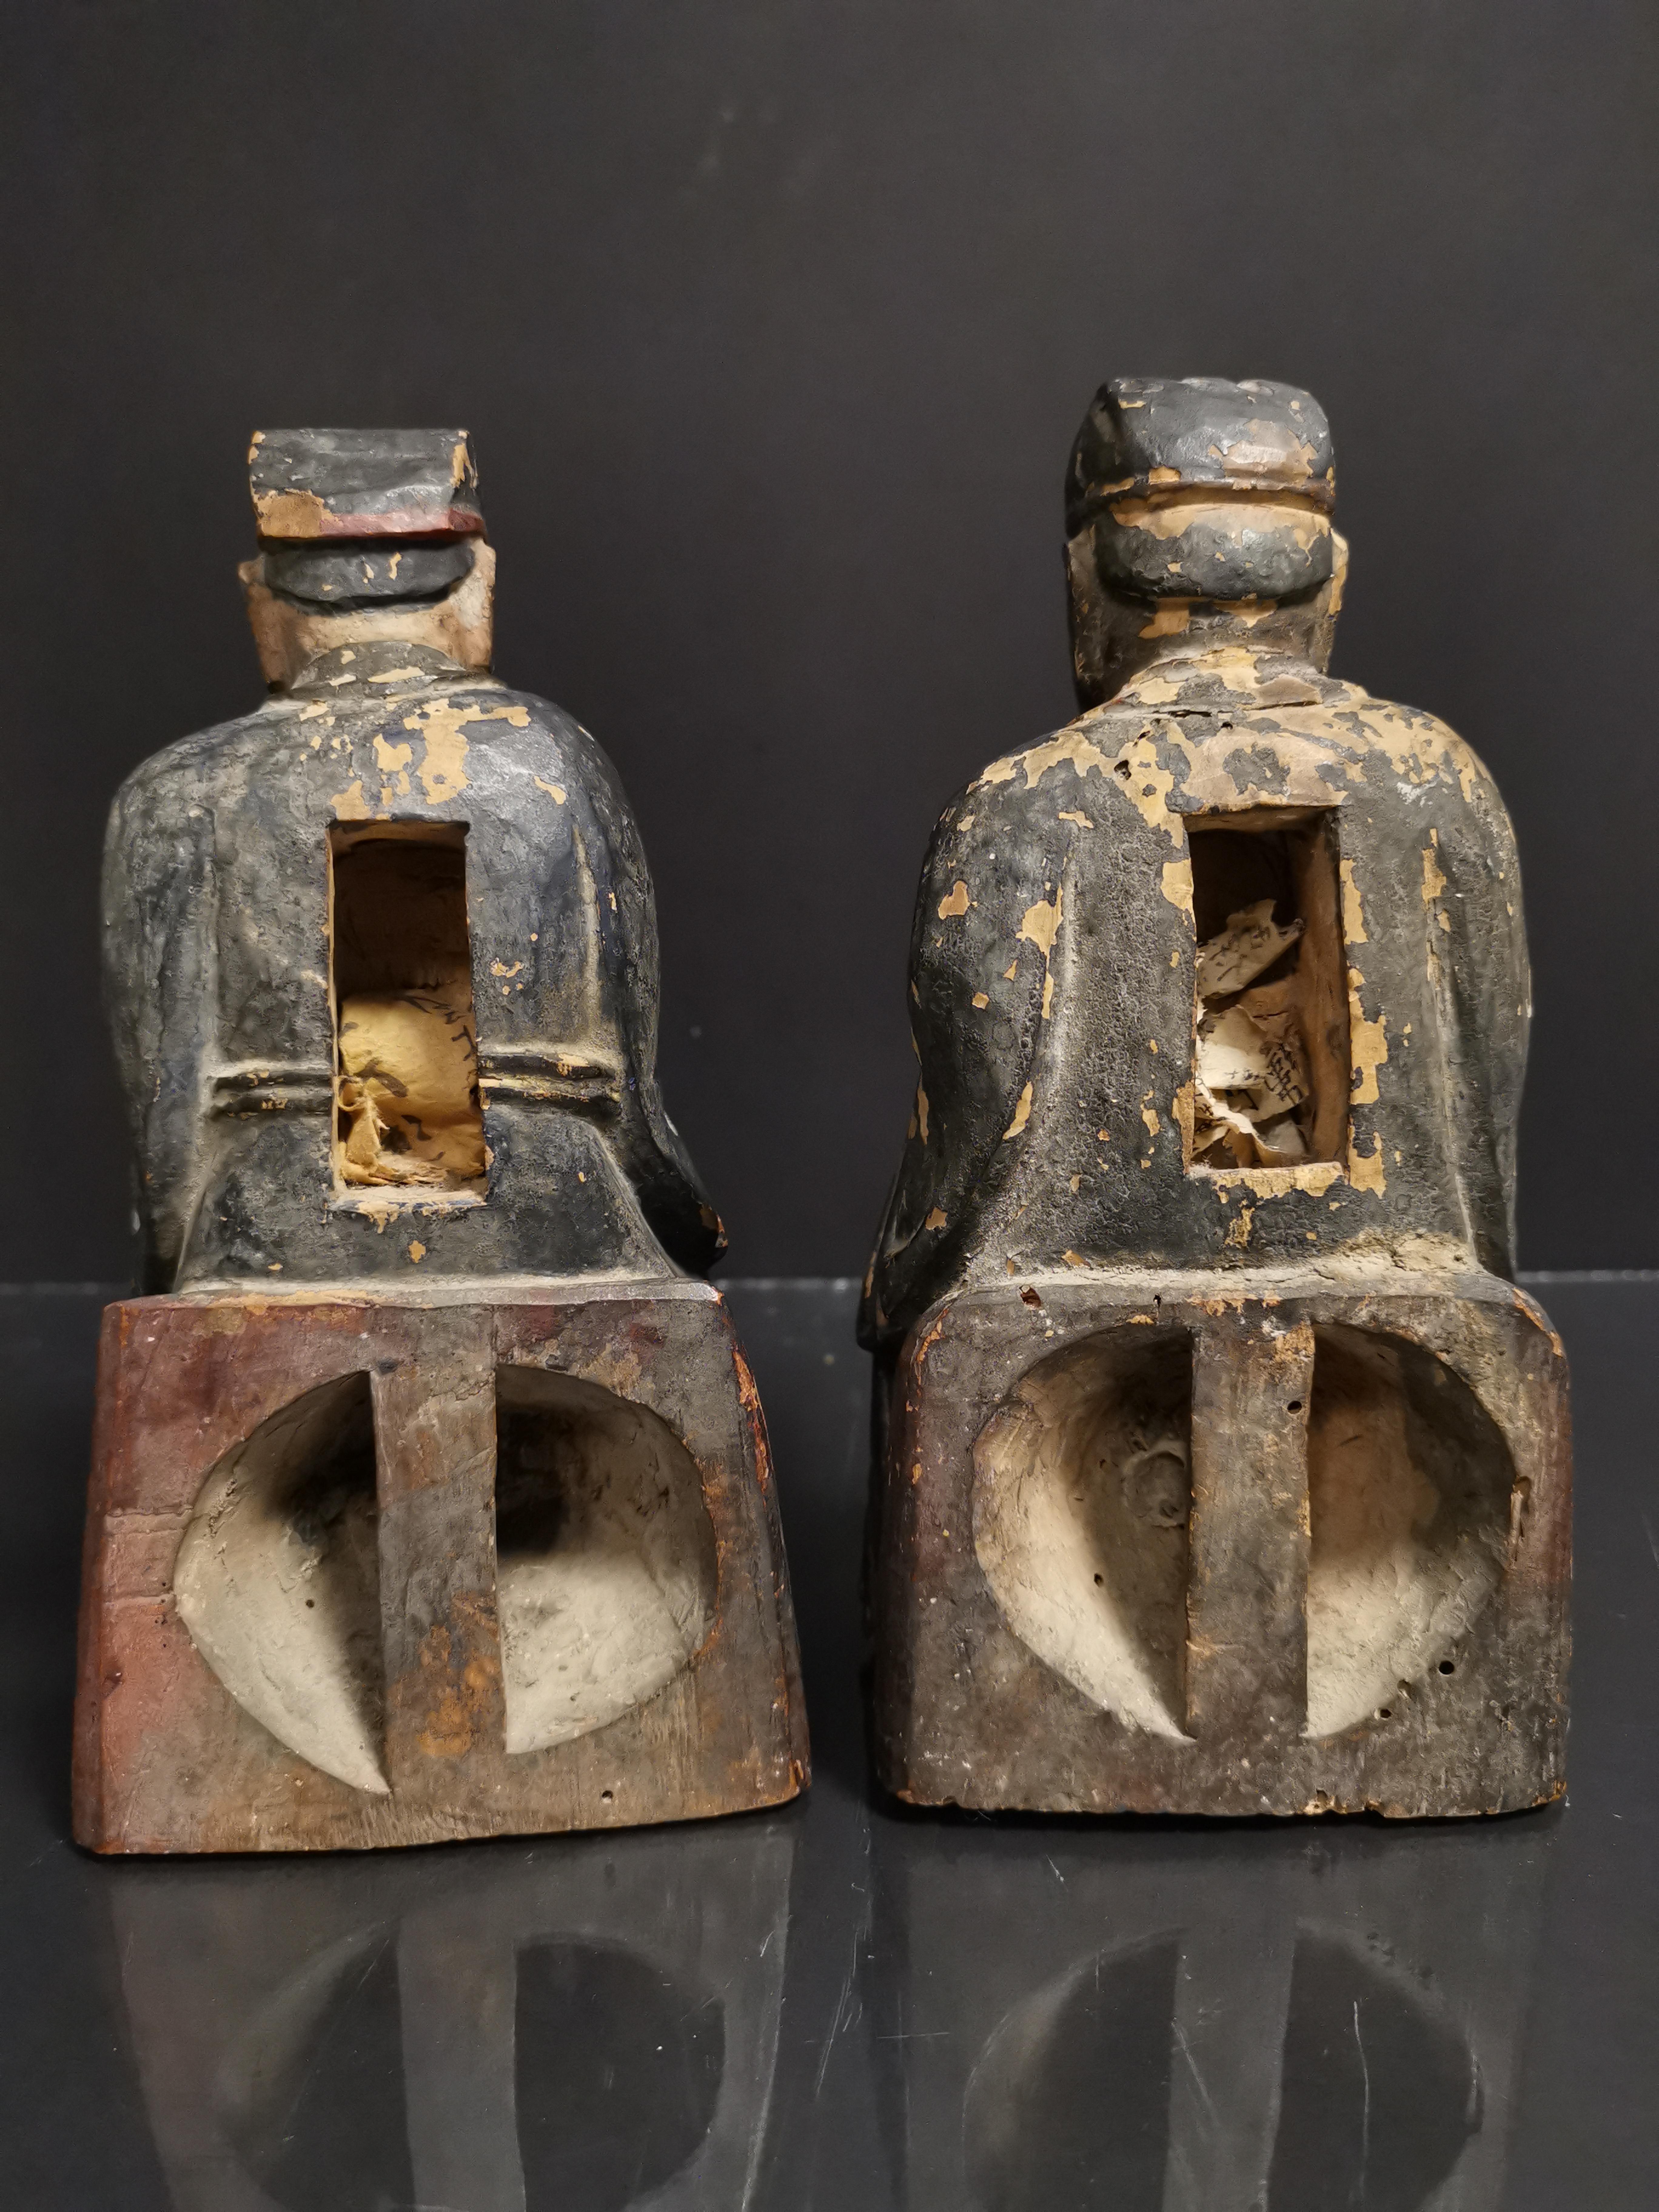 CHINE. Deux lettrés assis tenant un bol et une tablette, bois sculpté. H : 19 cm. - - Image 3 of 3